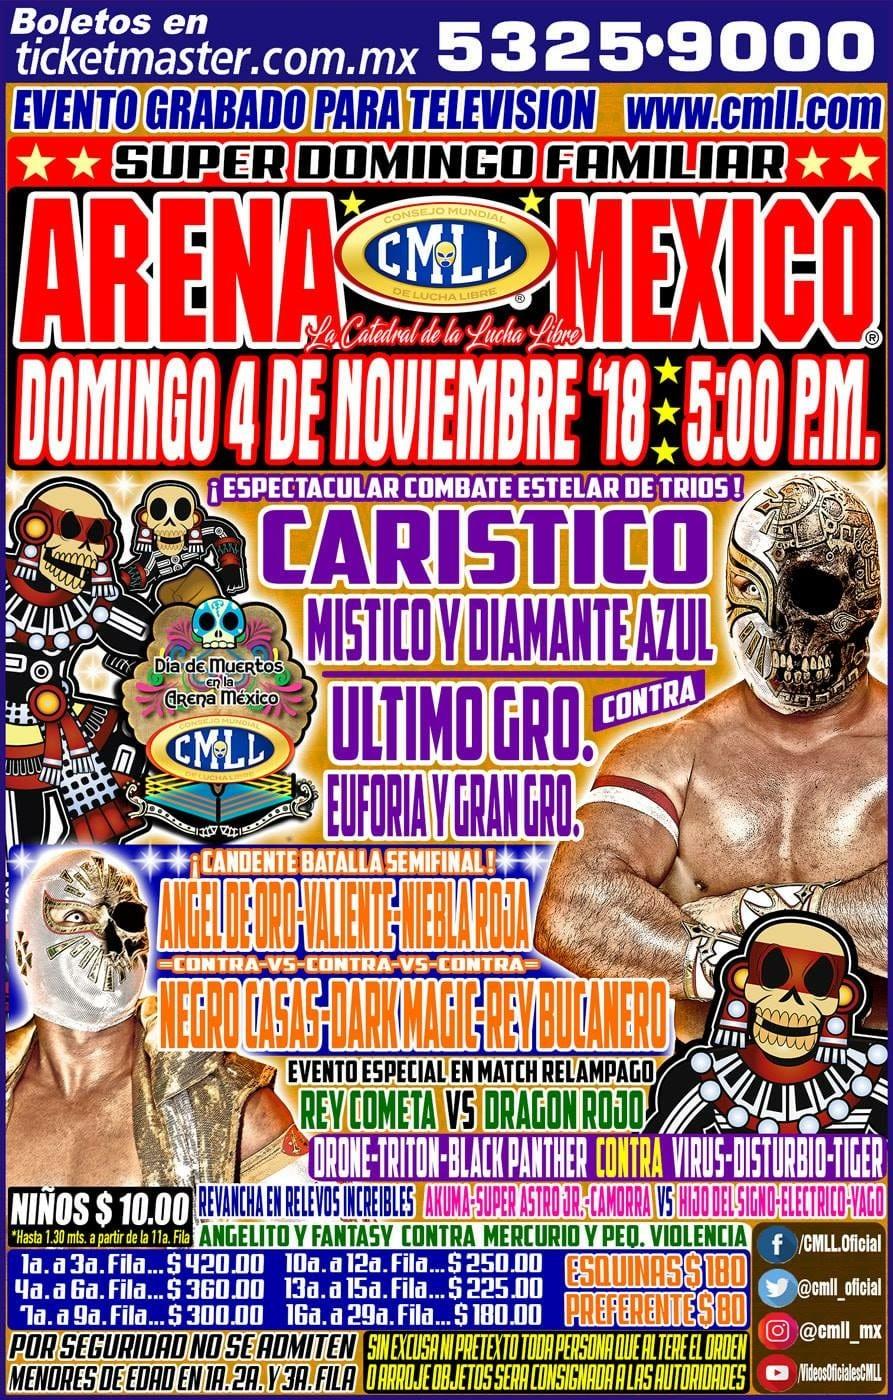 CMLL: Una mirada semanal al CMLL (Del 25 al 31 octubre de 2018) 3